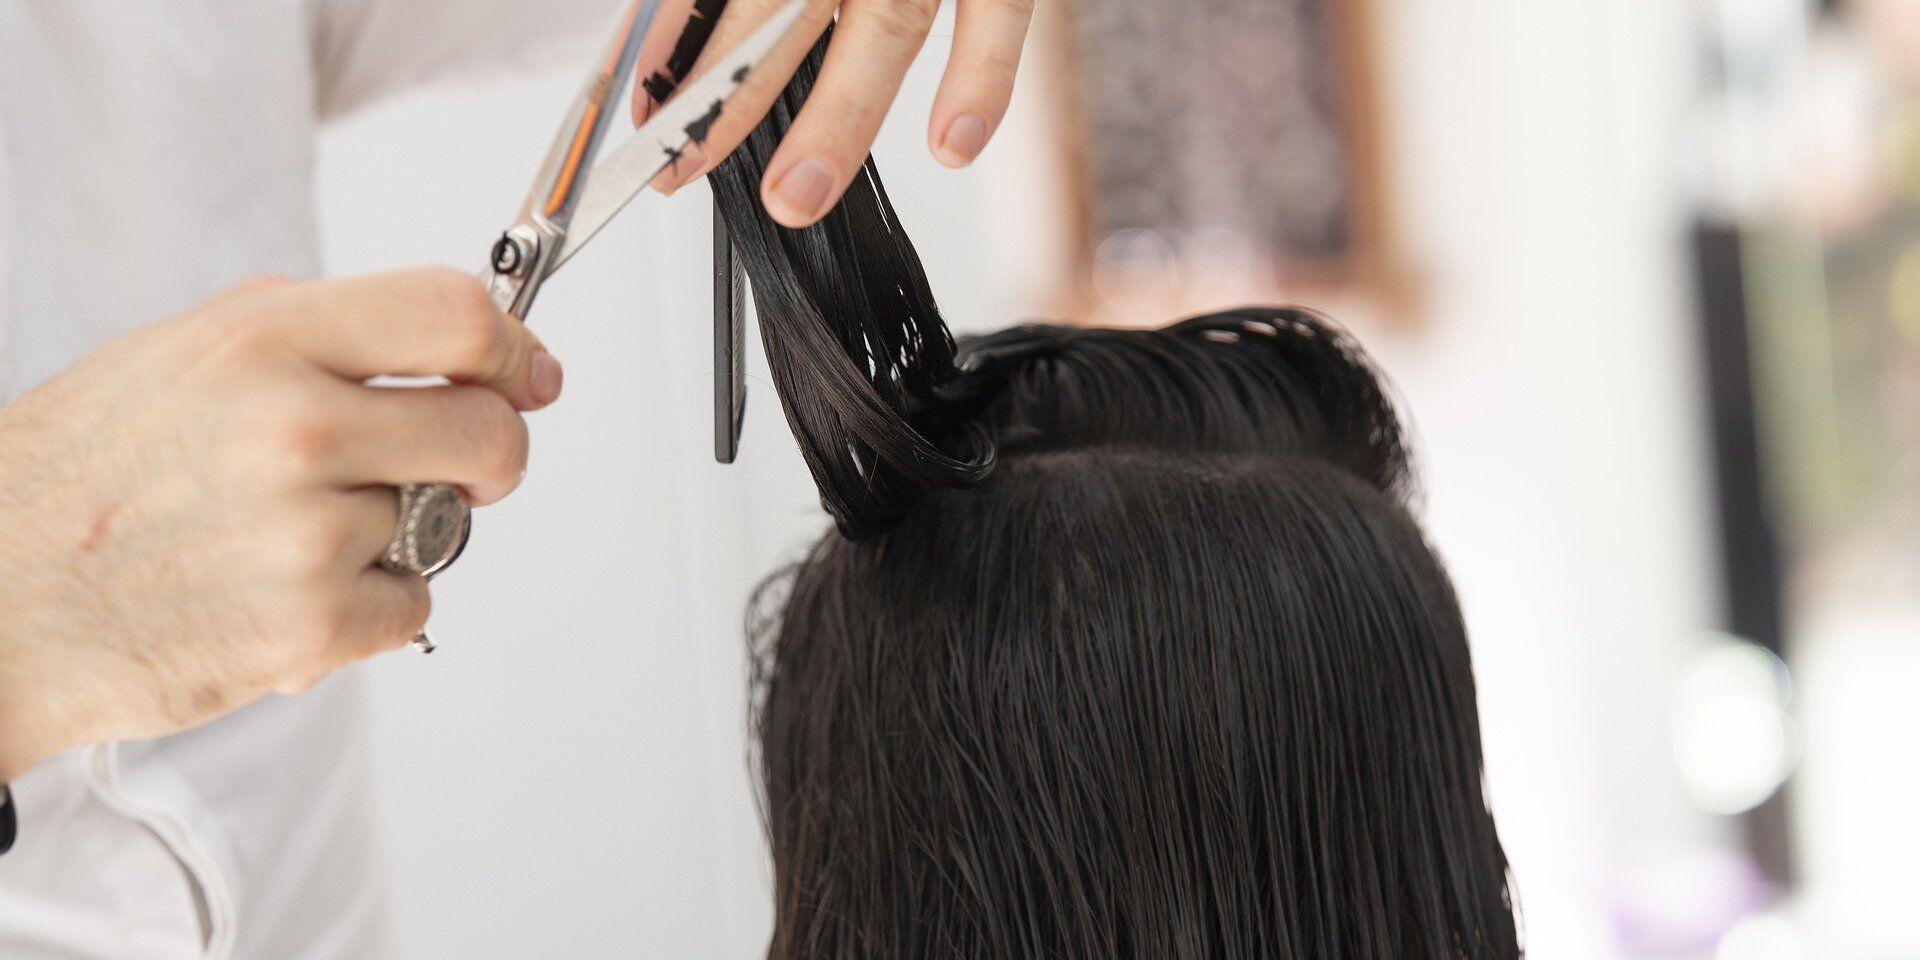 Negocios que crecen en plena pandemia del coronavirus: las peluquerías a  domicilio para mayores o dependientes - Libre Mercado